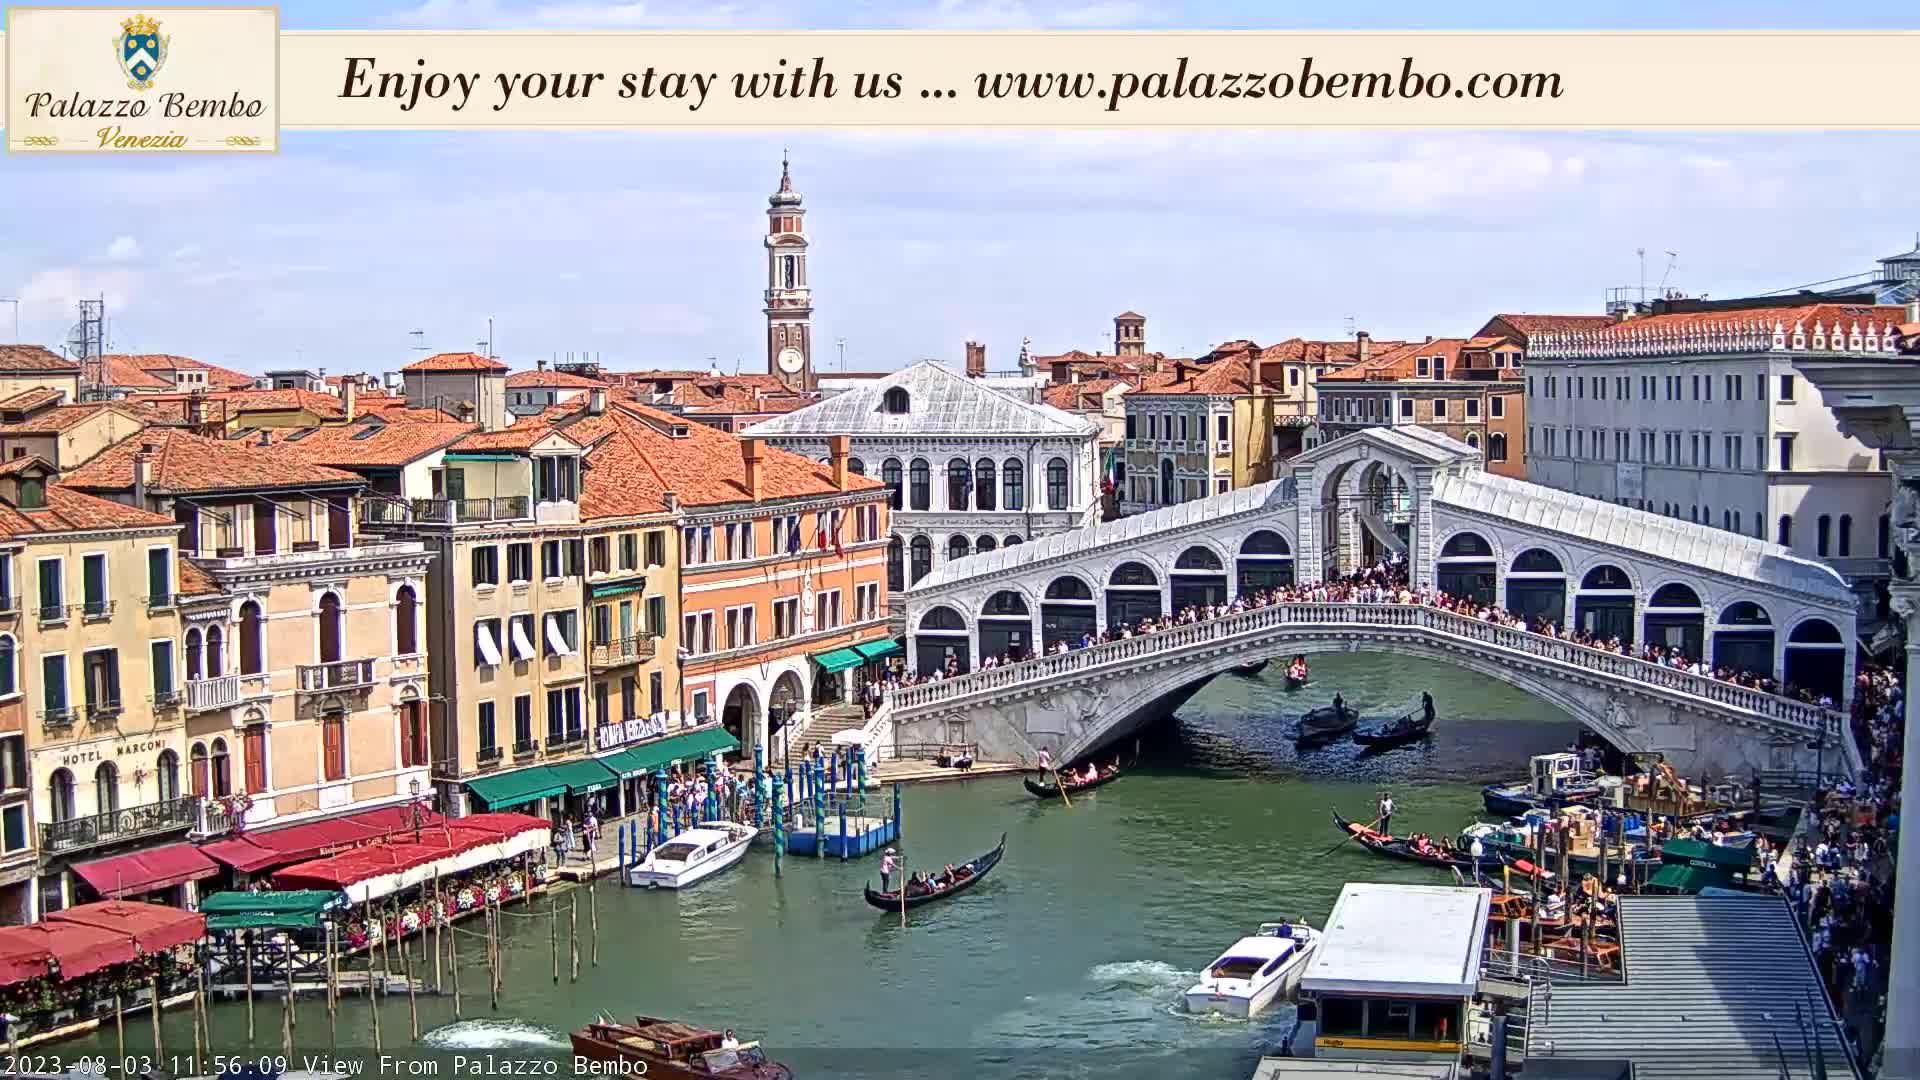 Venice Mon. 11:56